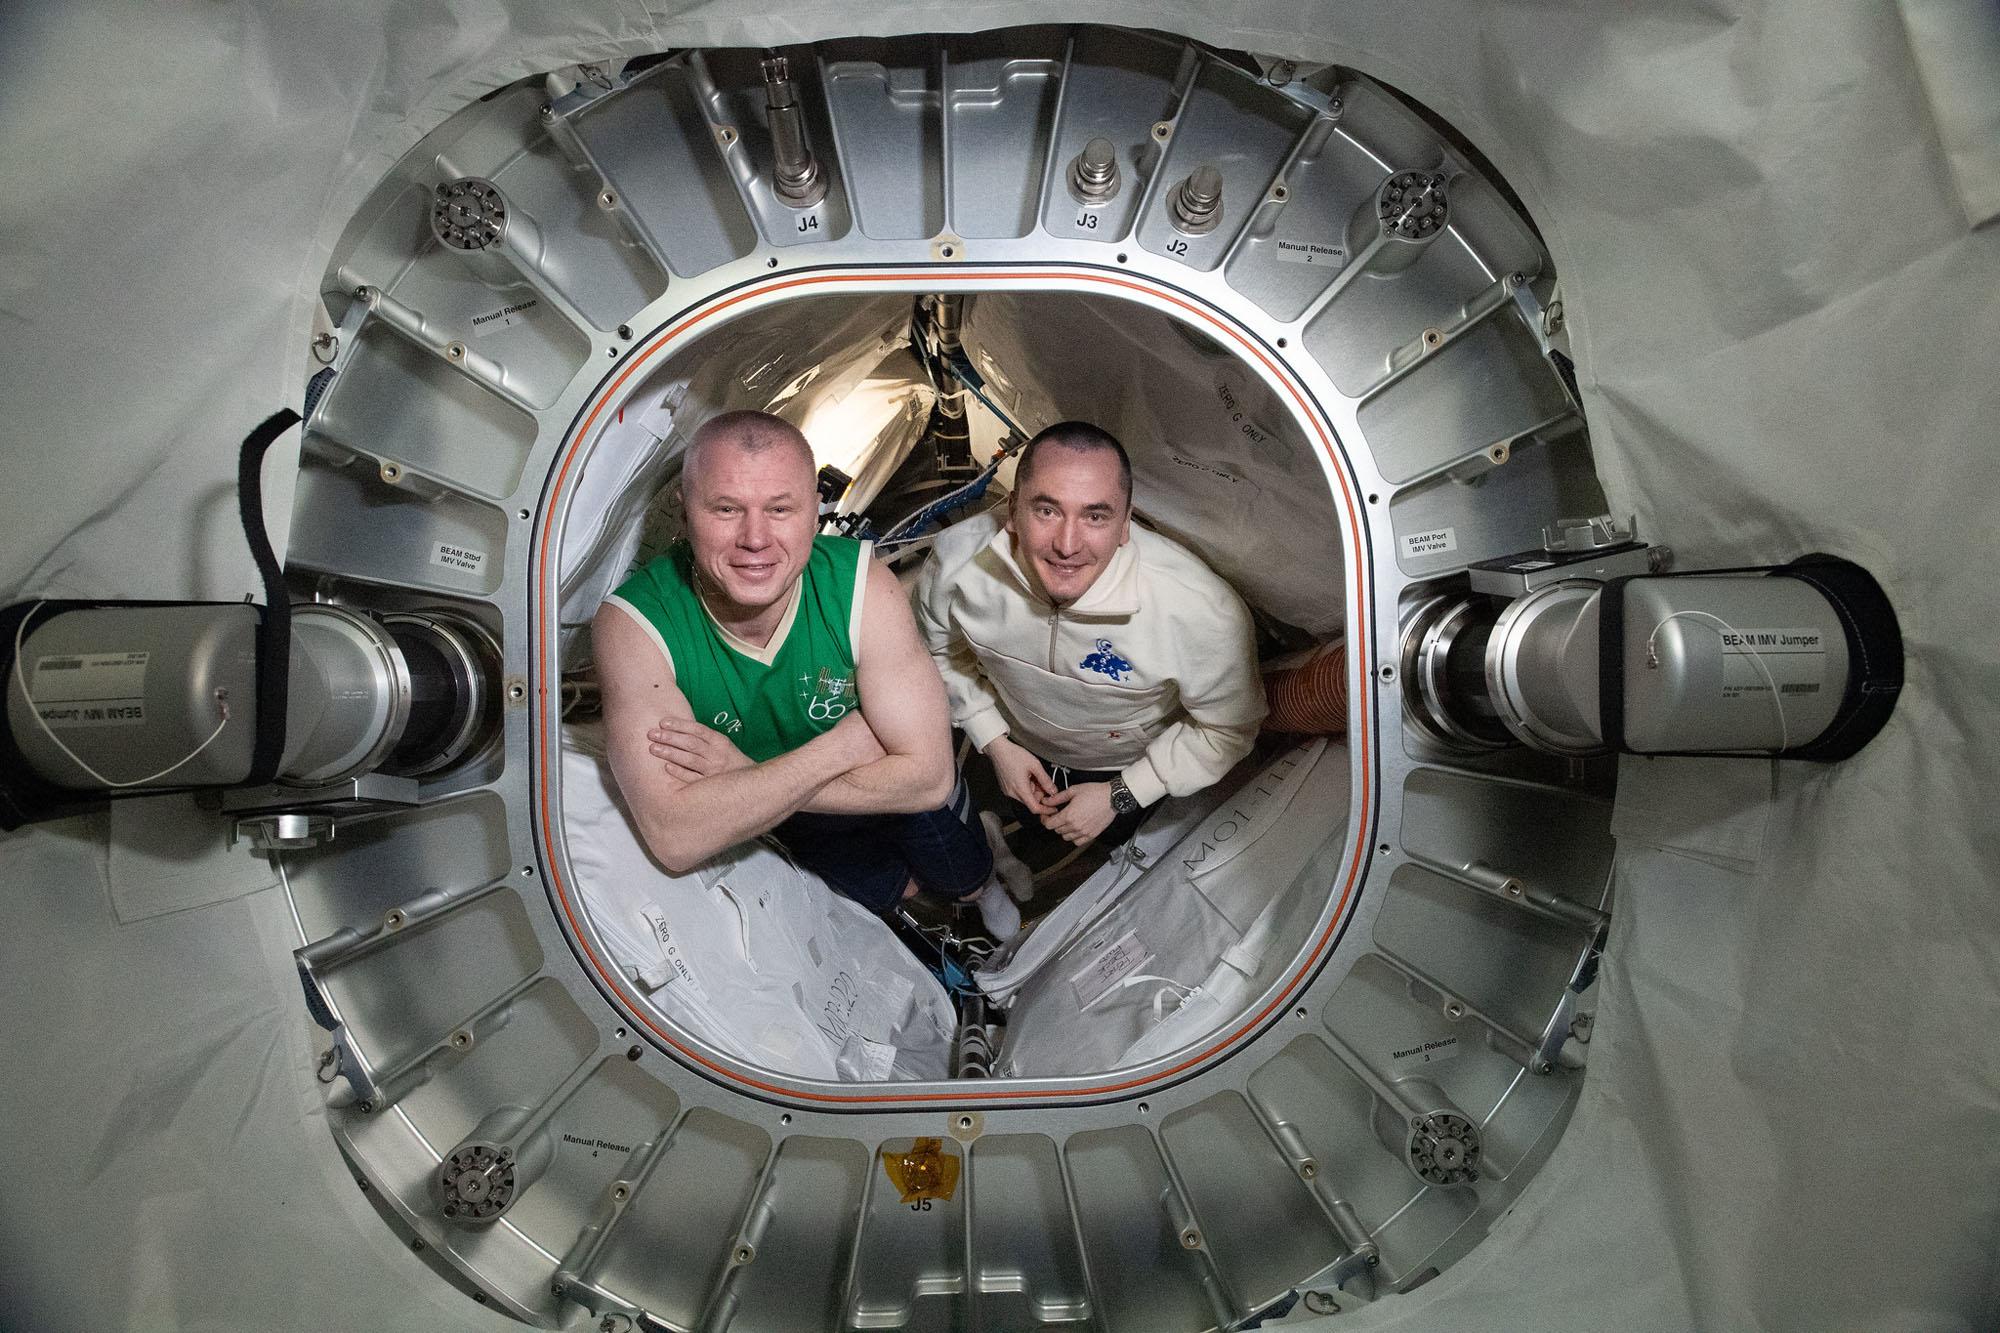 Les ingénieurs de vol de l'expédition 65 (de gauche à droite) Oleg Novitskiy et Pyotr Dubrov sont représentés à l'intérieur de BEAM, le module d'activité extensible de Bigelow.